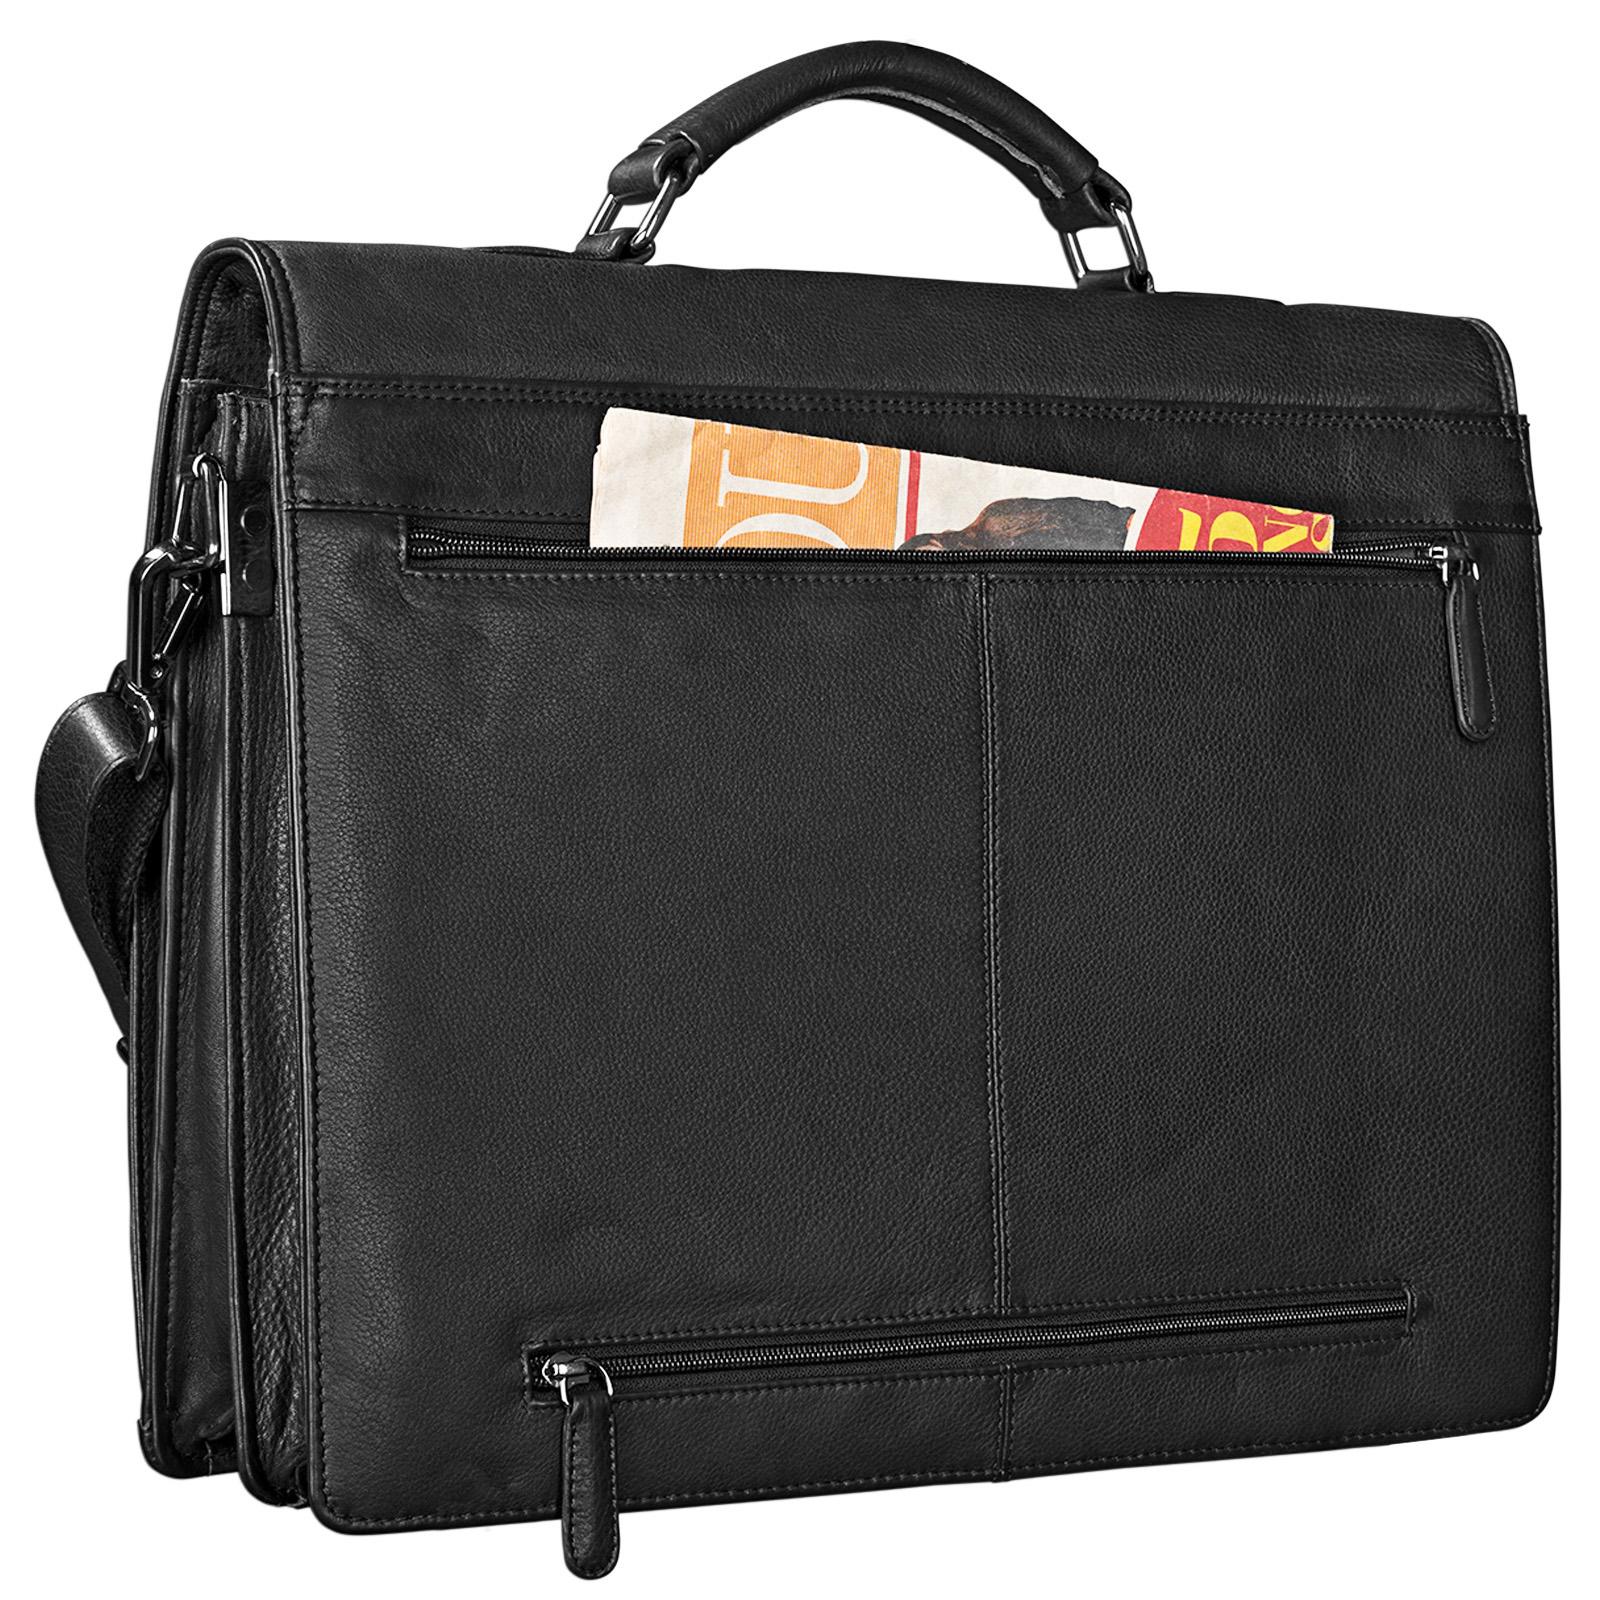 STILORD Aktentasche Leder Schwarz Businesstasche Dokumententasche Bürotasche klassisch elegant aufsteckbar echtes Rindsleder  - Bild 8